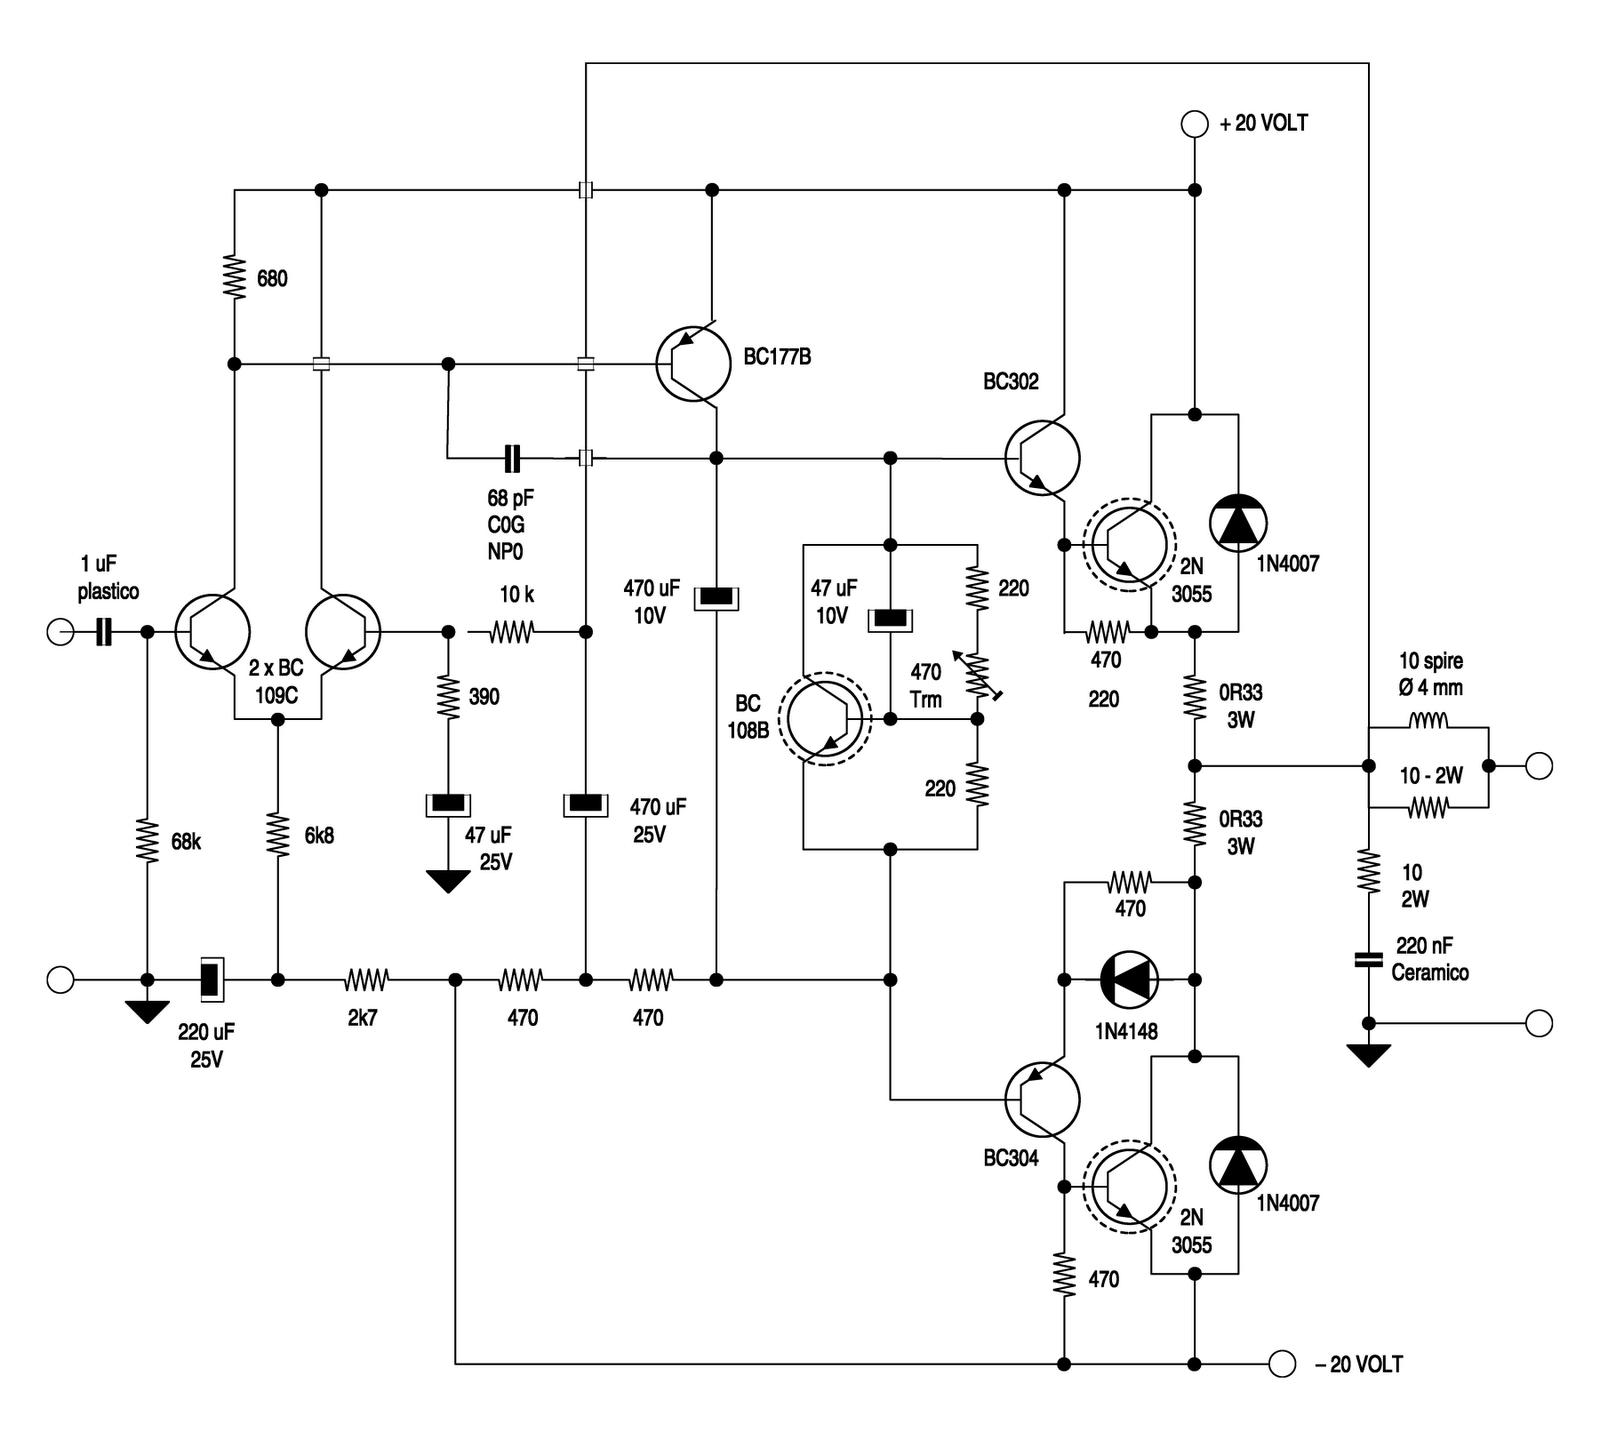 Schemi Elettrici Amplificatori Audio Con N : Elettronica audio i progetti lesa nuova vita per